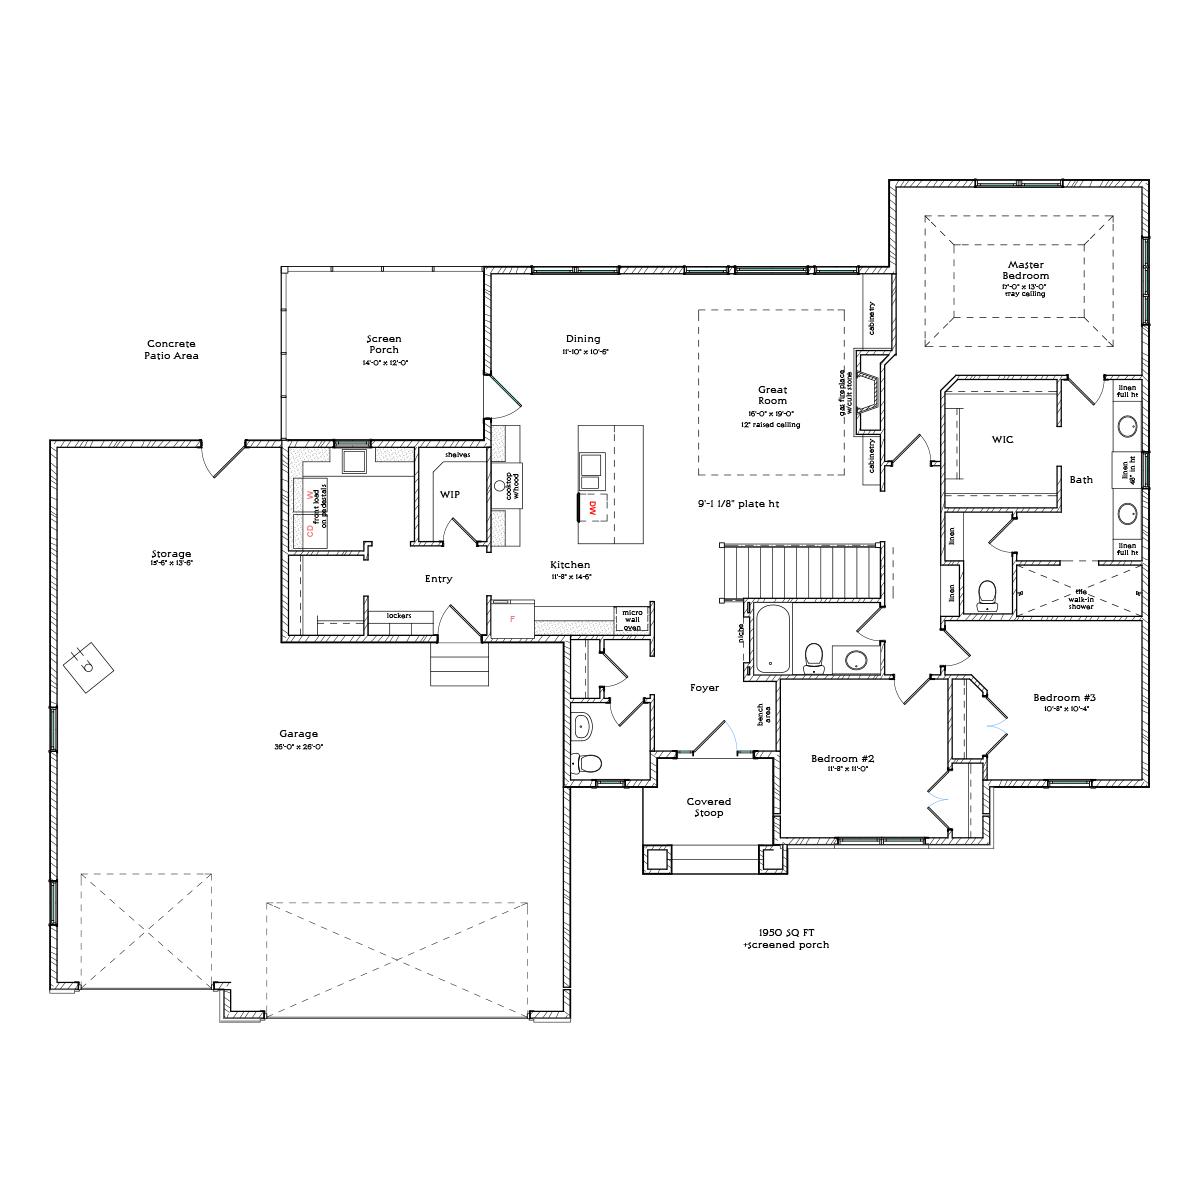 Floor Plans — Berscheid Builders on 3 bedroom house designs, 3 bedroom split level, 3 bedroom ranch, 3 bedroom contemporary, 3 bedroom cape cod, 3 bedroom colonial,